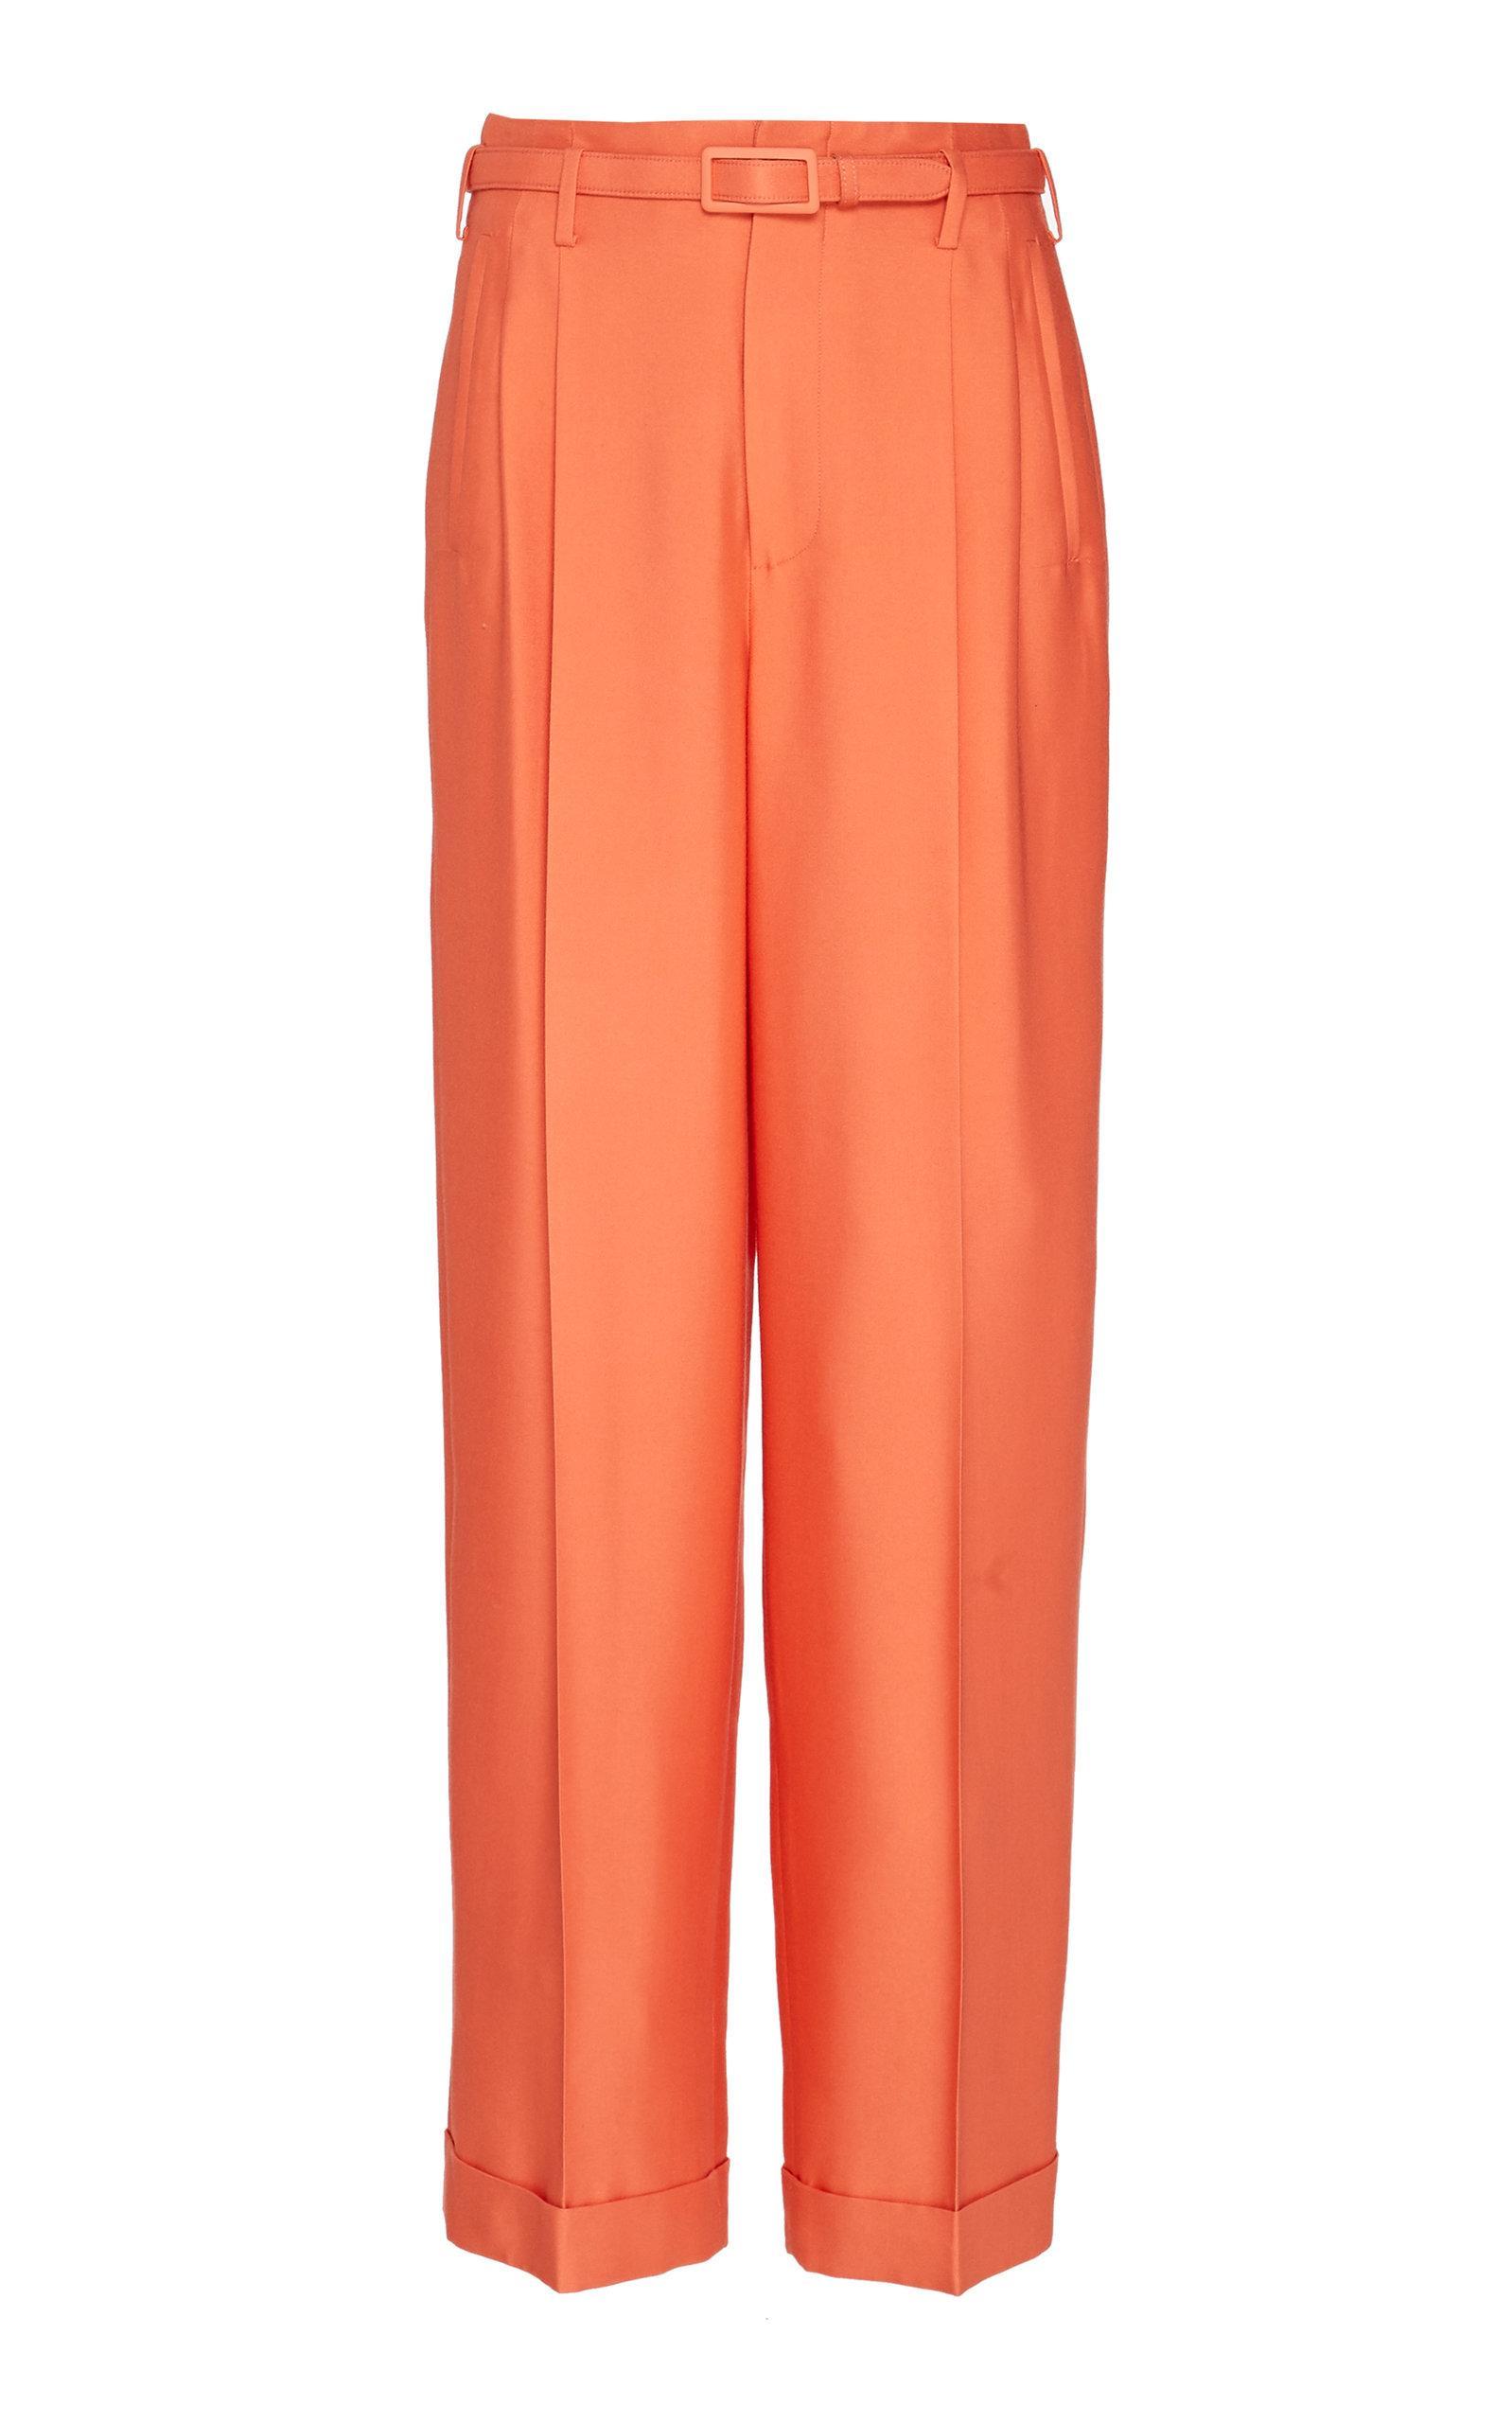 d9105d4a16 Ralph Lauren - Orange Darcy Silk Mid-rise Wide-leg Pants - Lyst. View  fullscreen